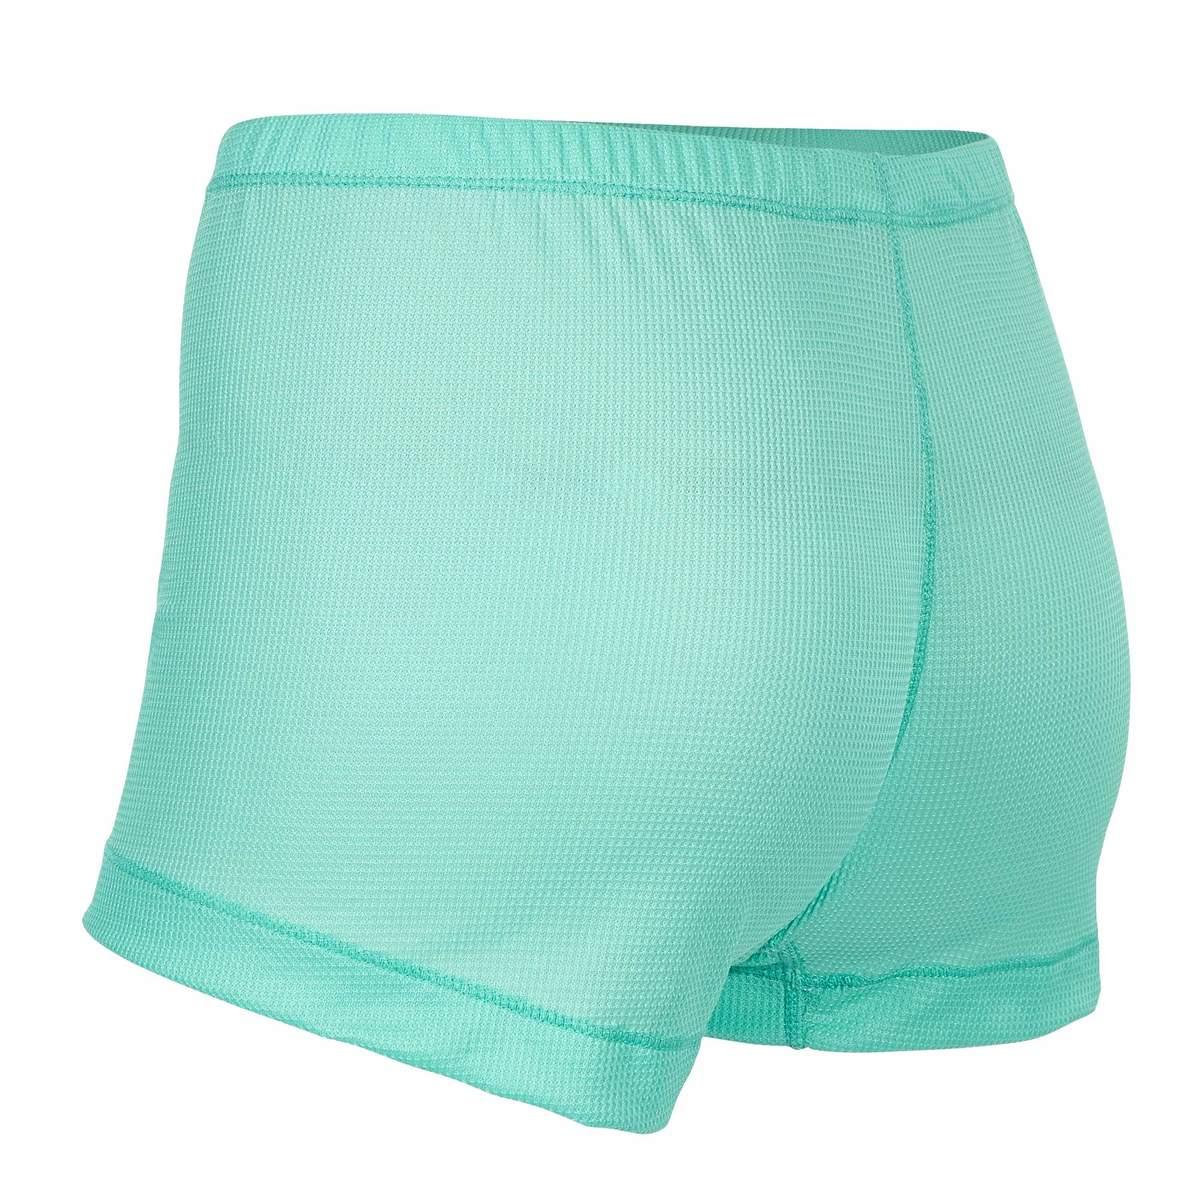 Bild 2 von Odlo Light Cubic Panty Frauen - Funktionsunterwäsche